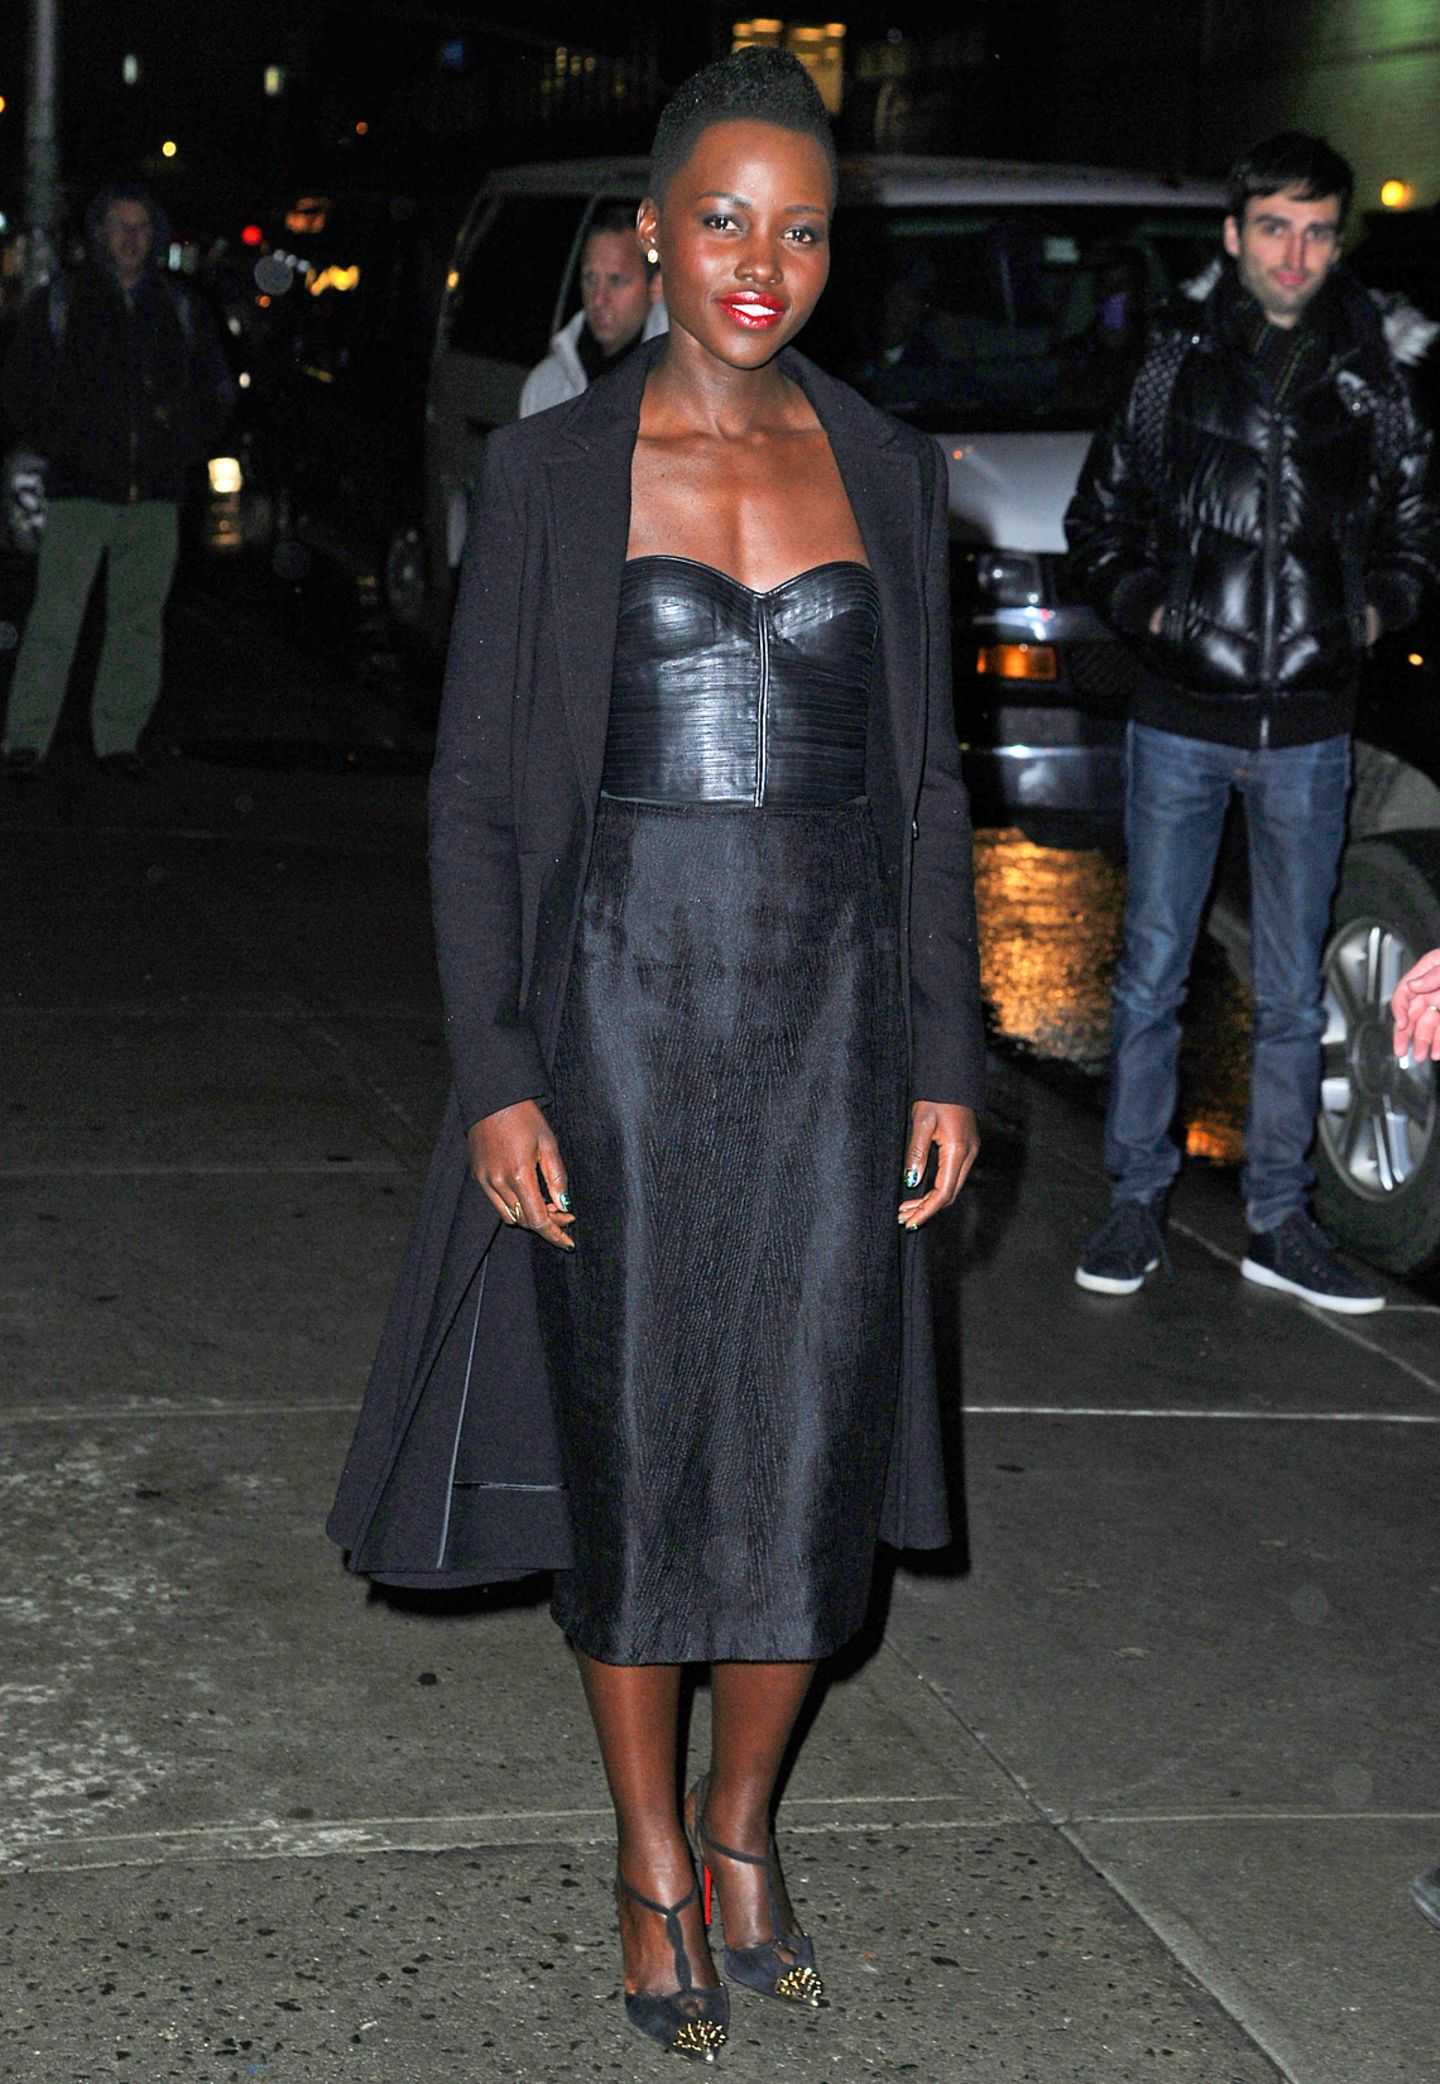 Im sexy Leder-Bustier kombiniert mit Bleistiftrock besucht Lupita Nyong'o die Show von David Letterman in New York.